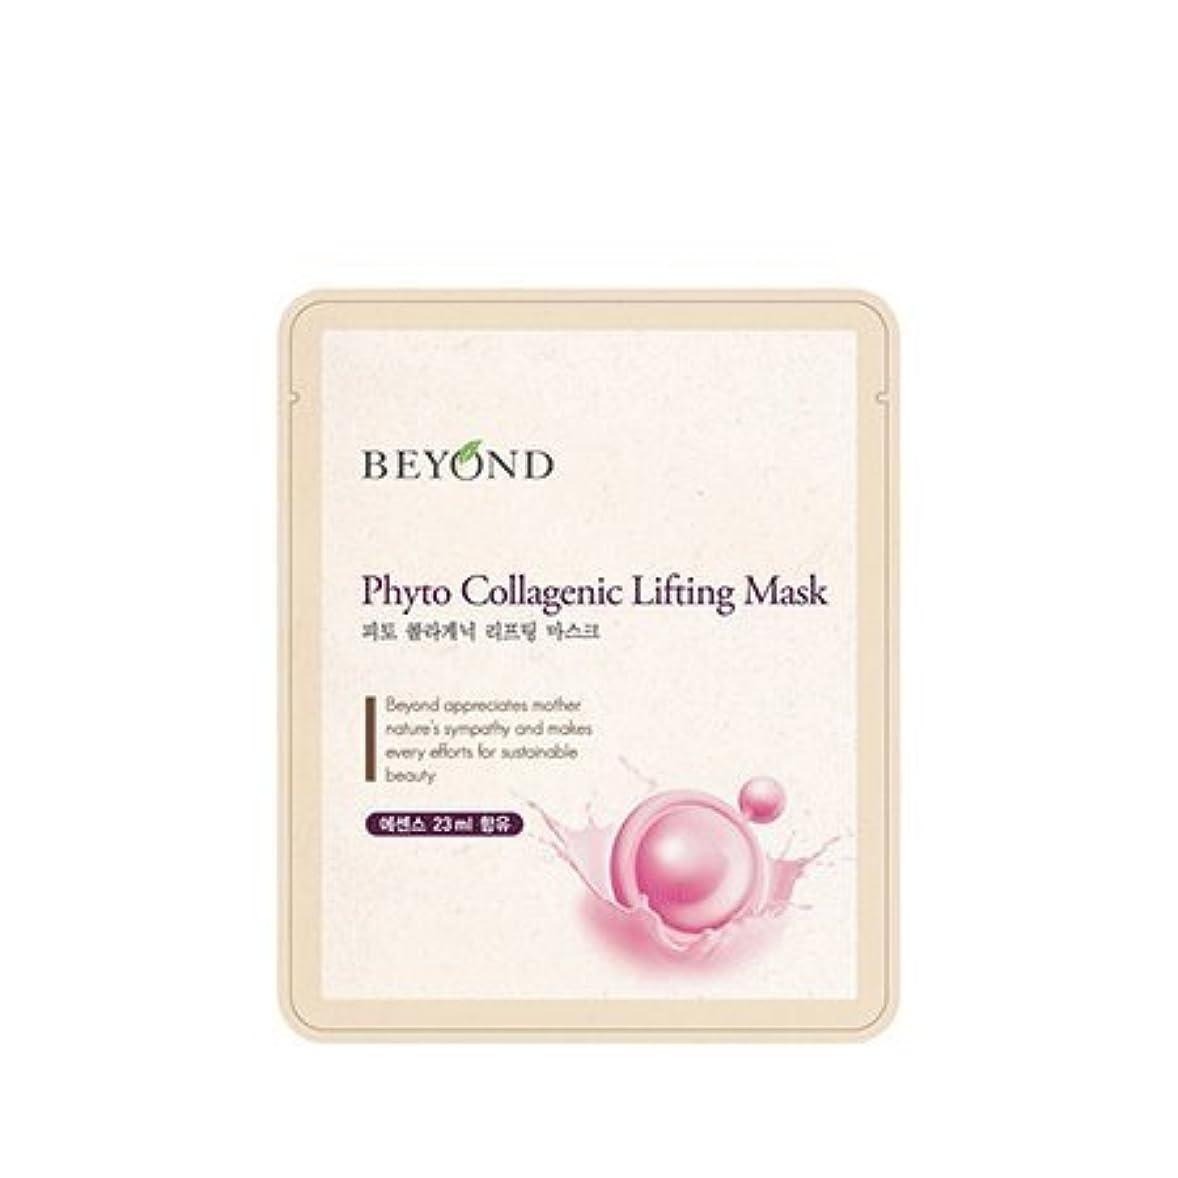 がっかりしたスコア賭けBeyond mask sheet 5ea (Phyto Collagenic Lifting Mask)